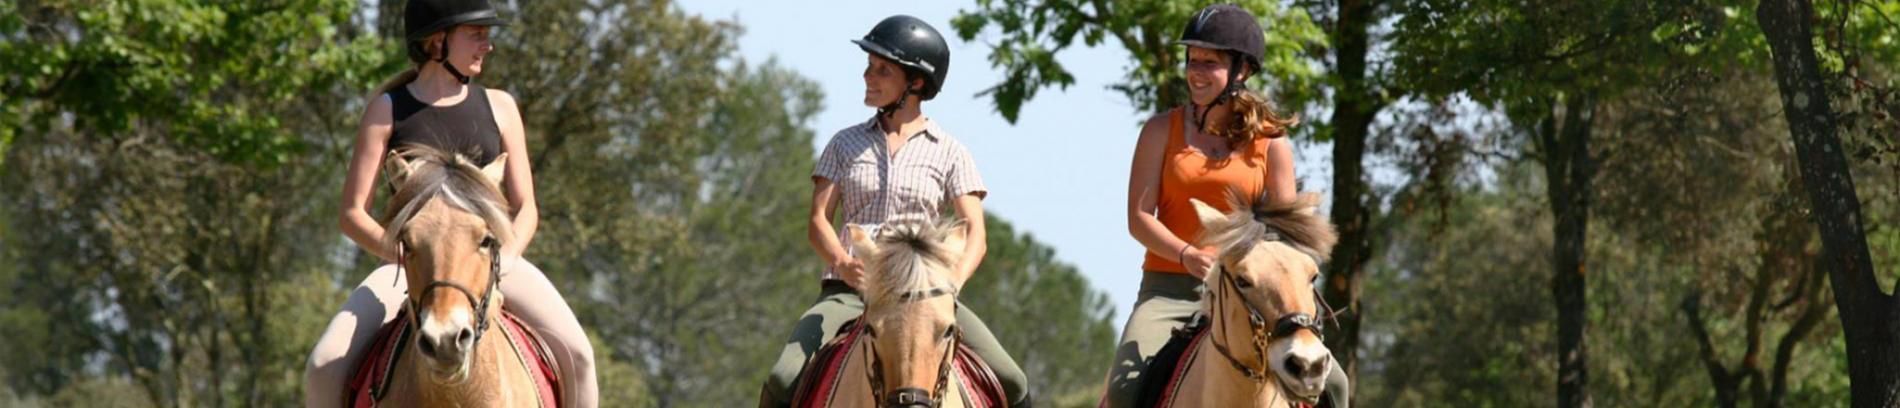 Slide balade à cheval